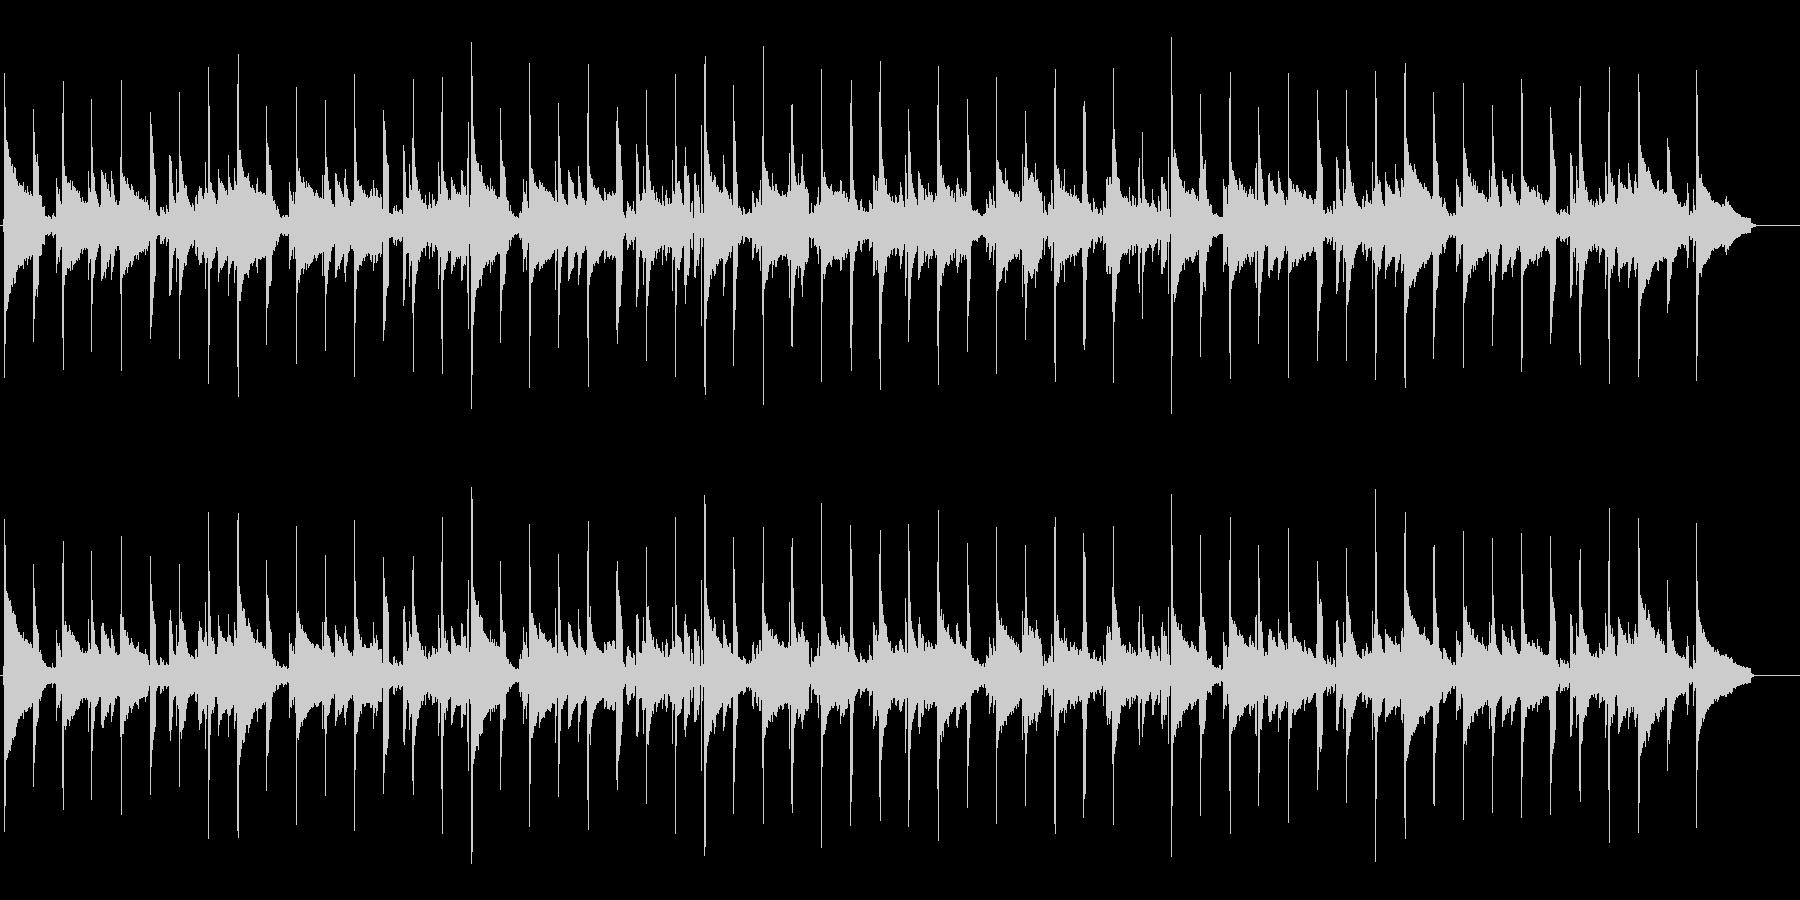 しっとりとして可愛いバンド調BGMの未再生の波形